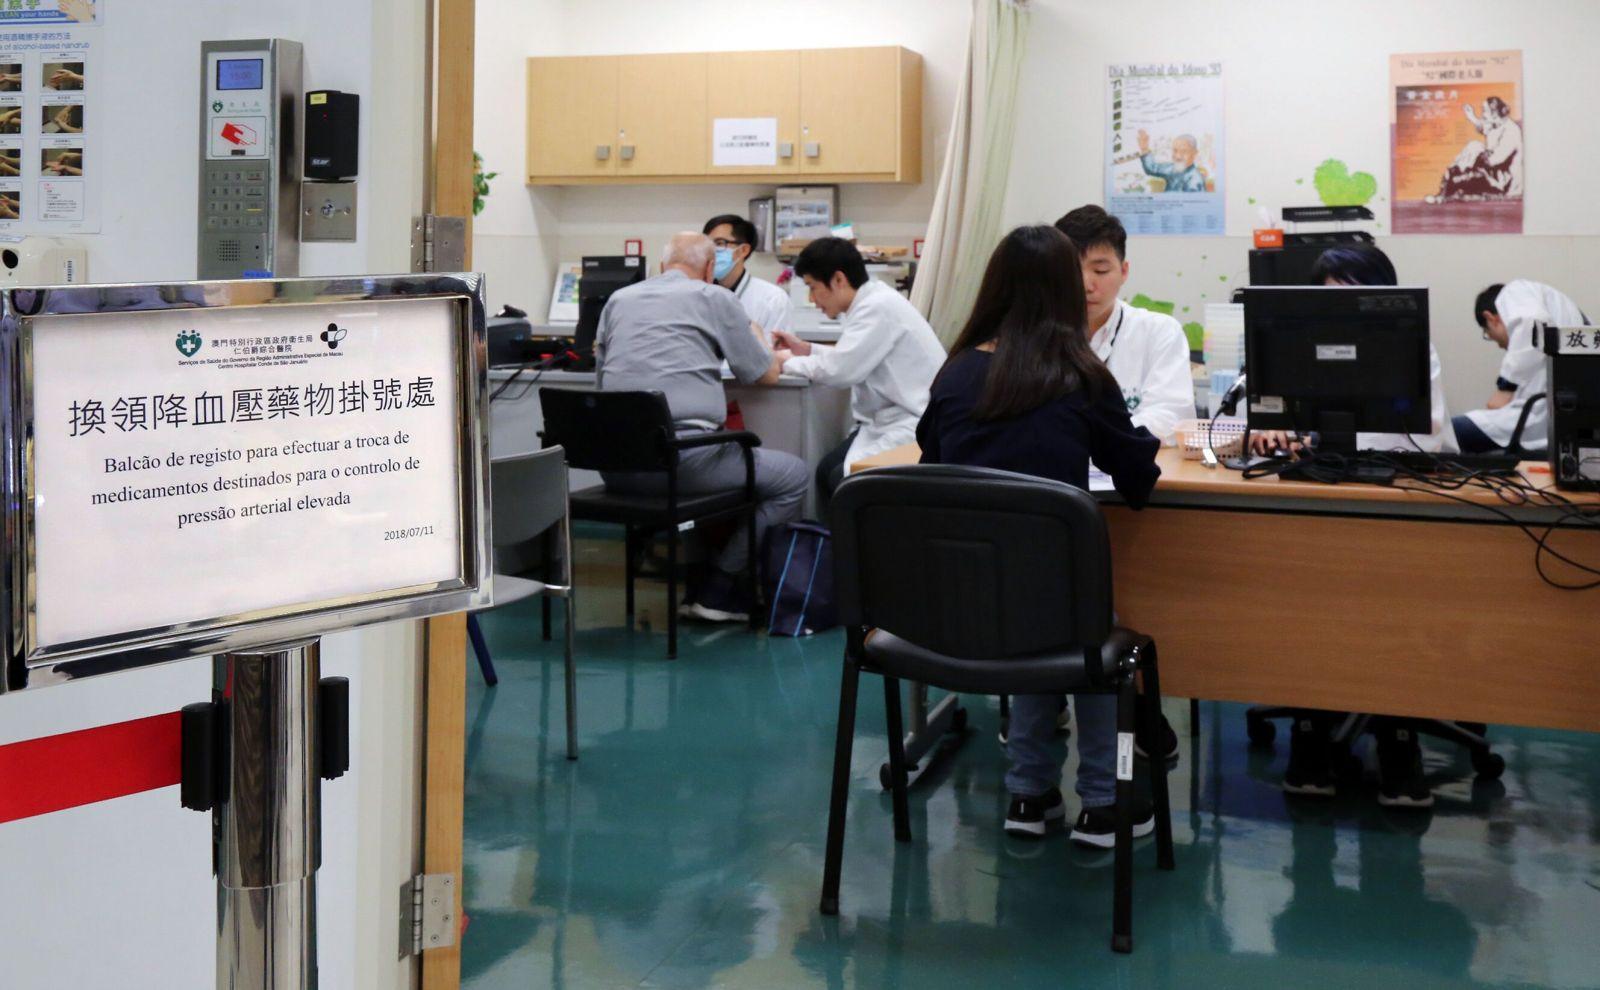 衛生局稱今逾400人換領降血壓藥